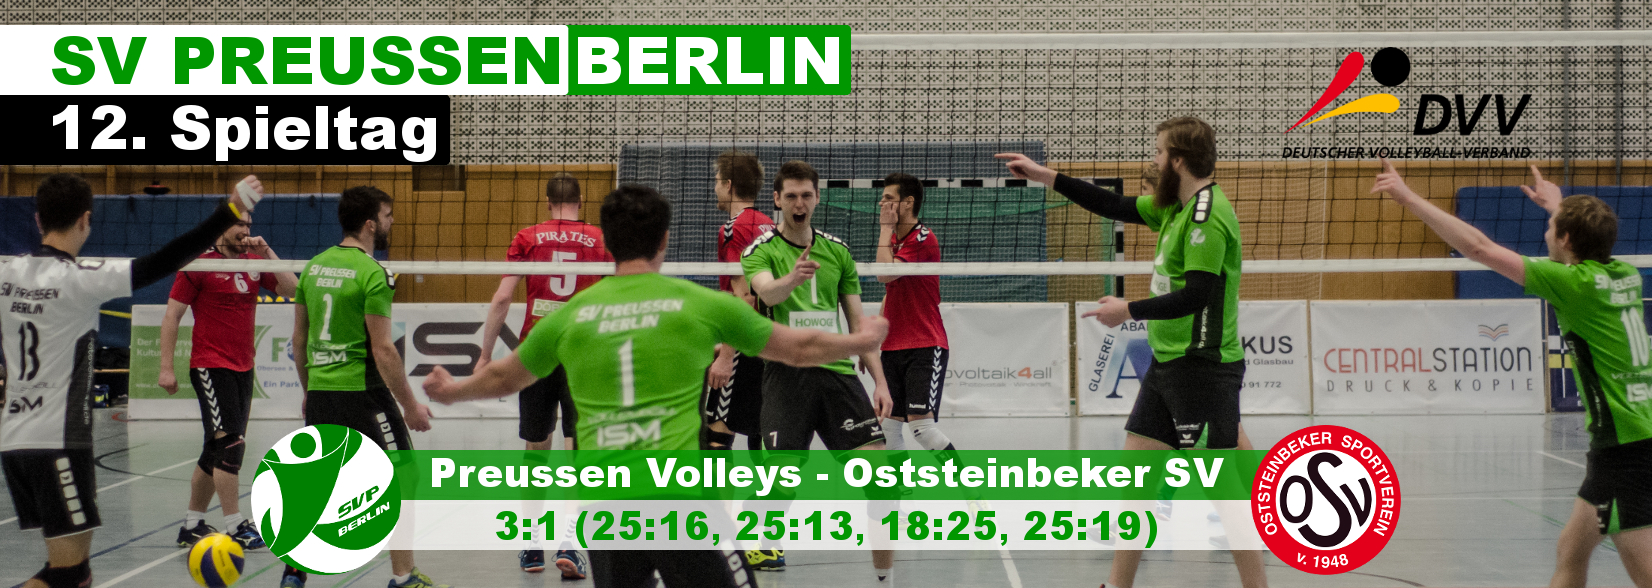 12. Spieltag gegen Oststeinbeker SV